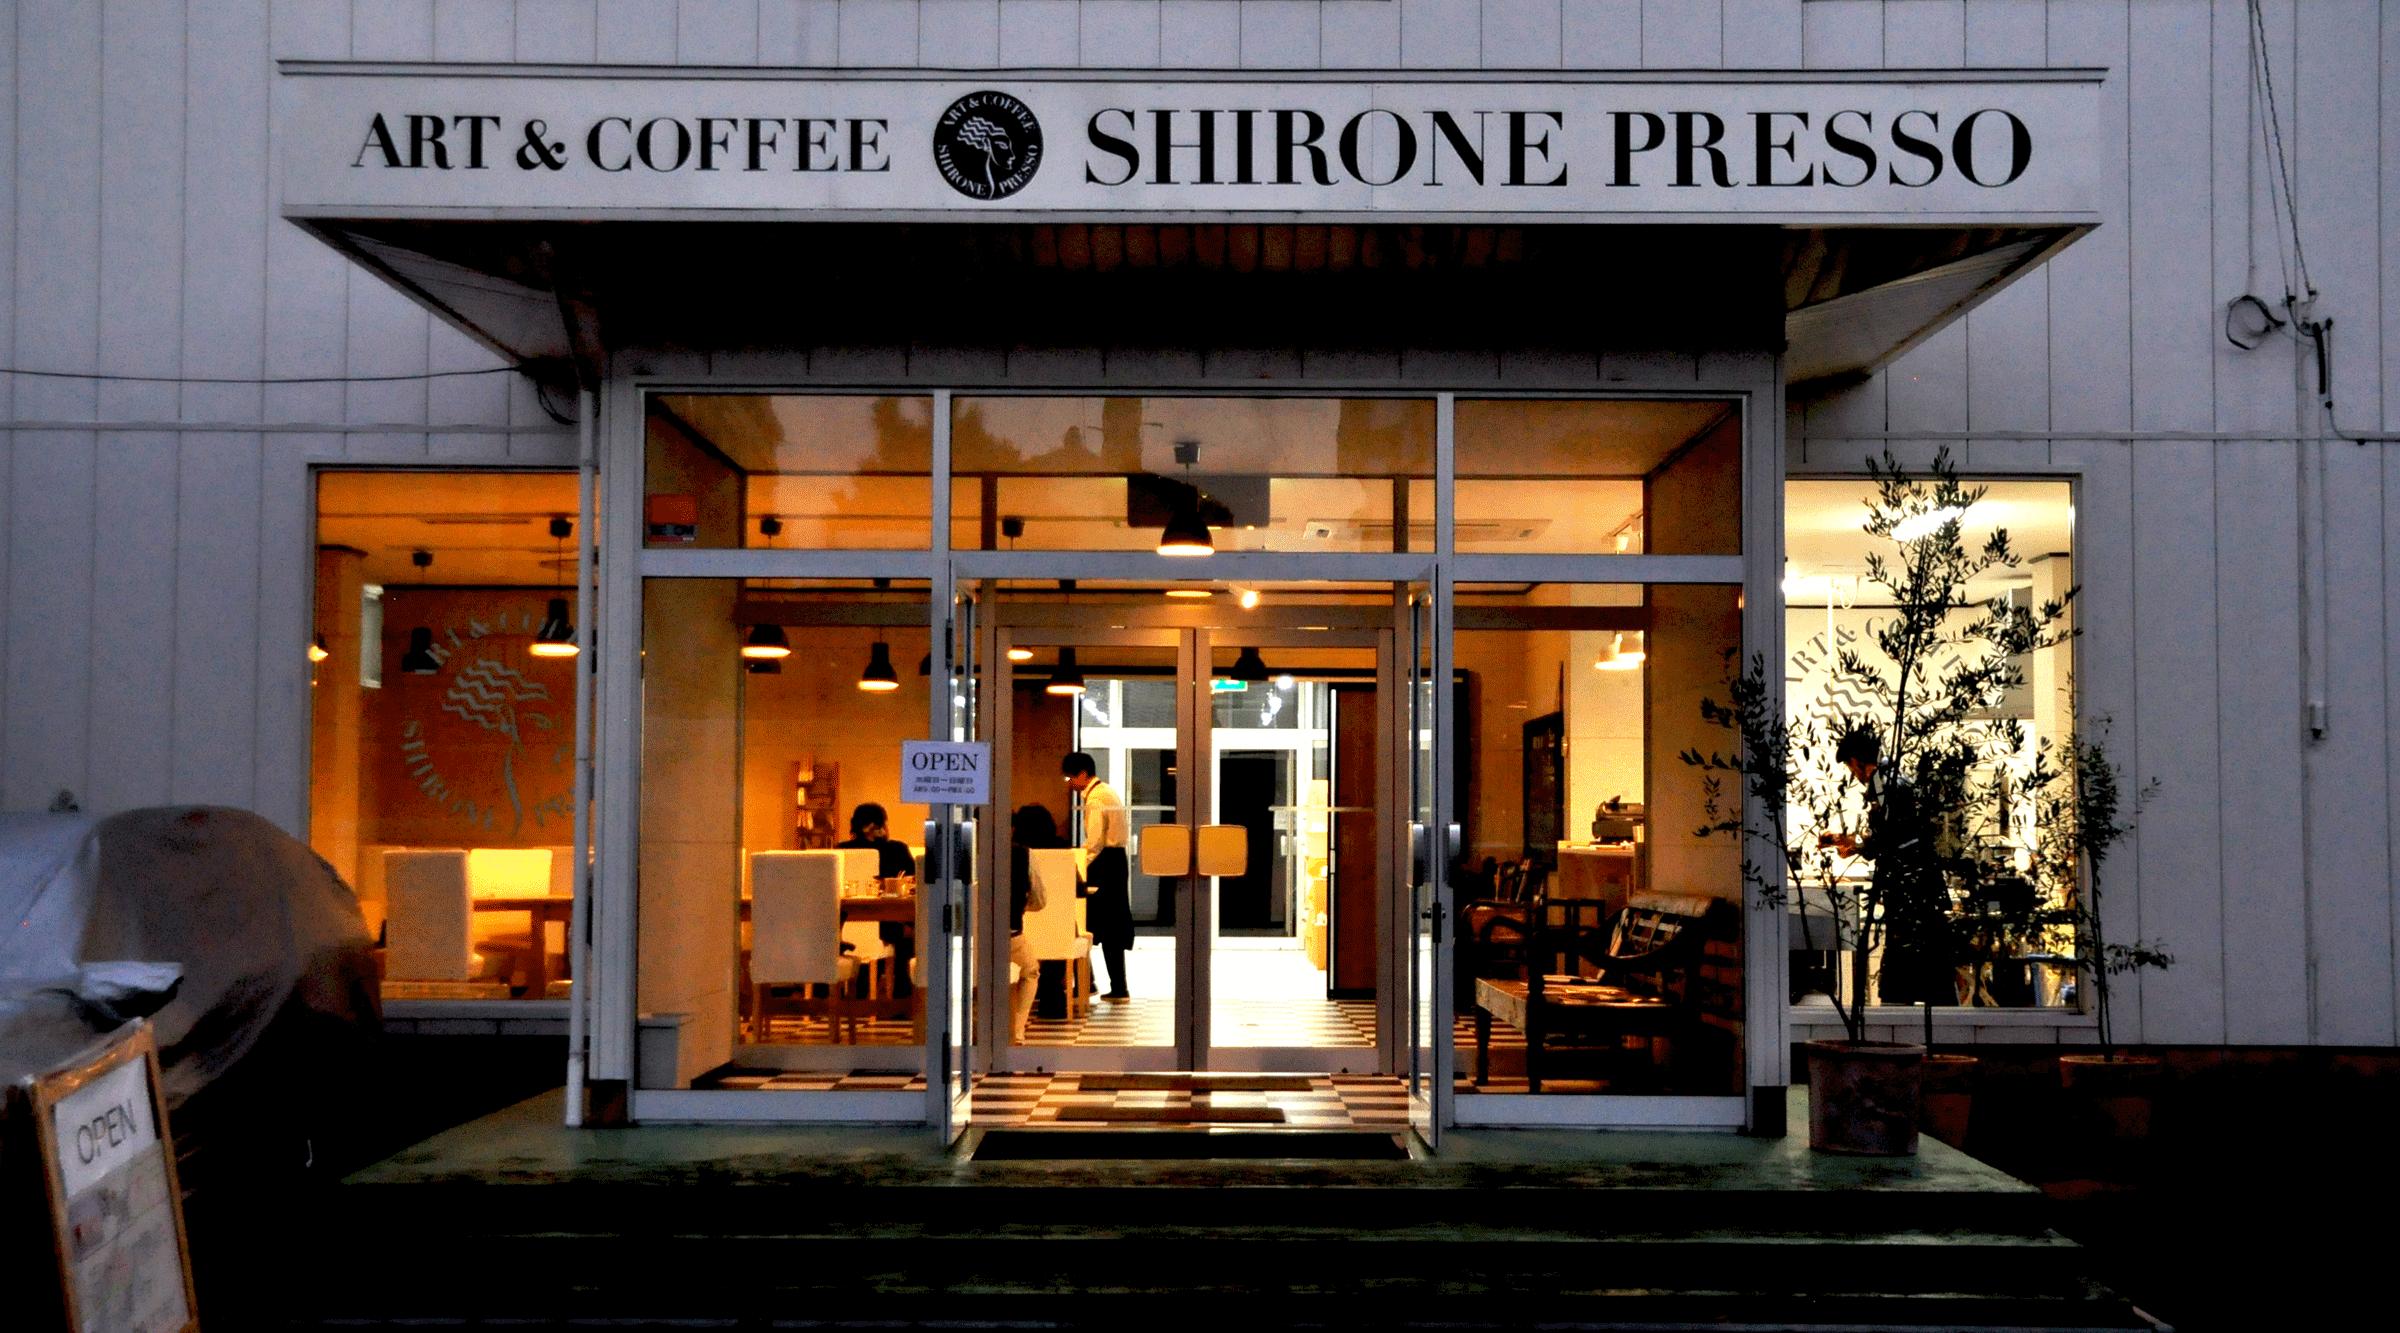 sironepresso